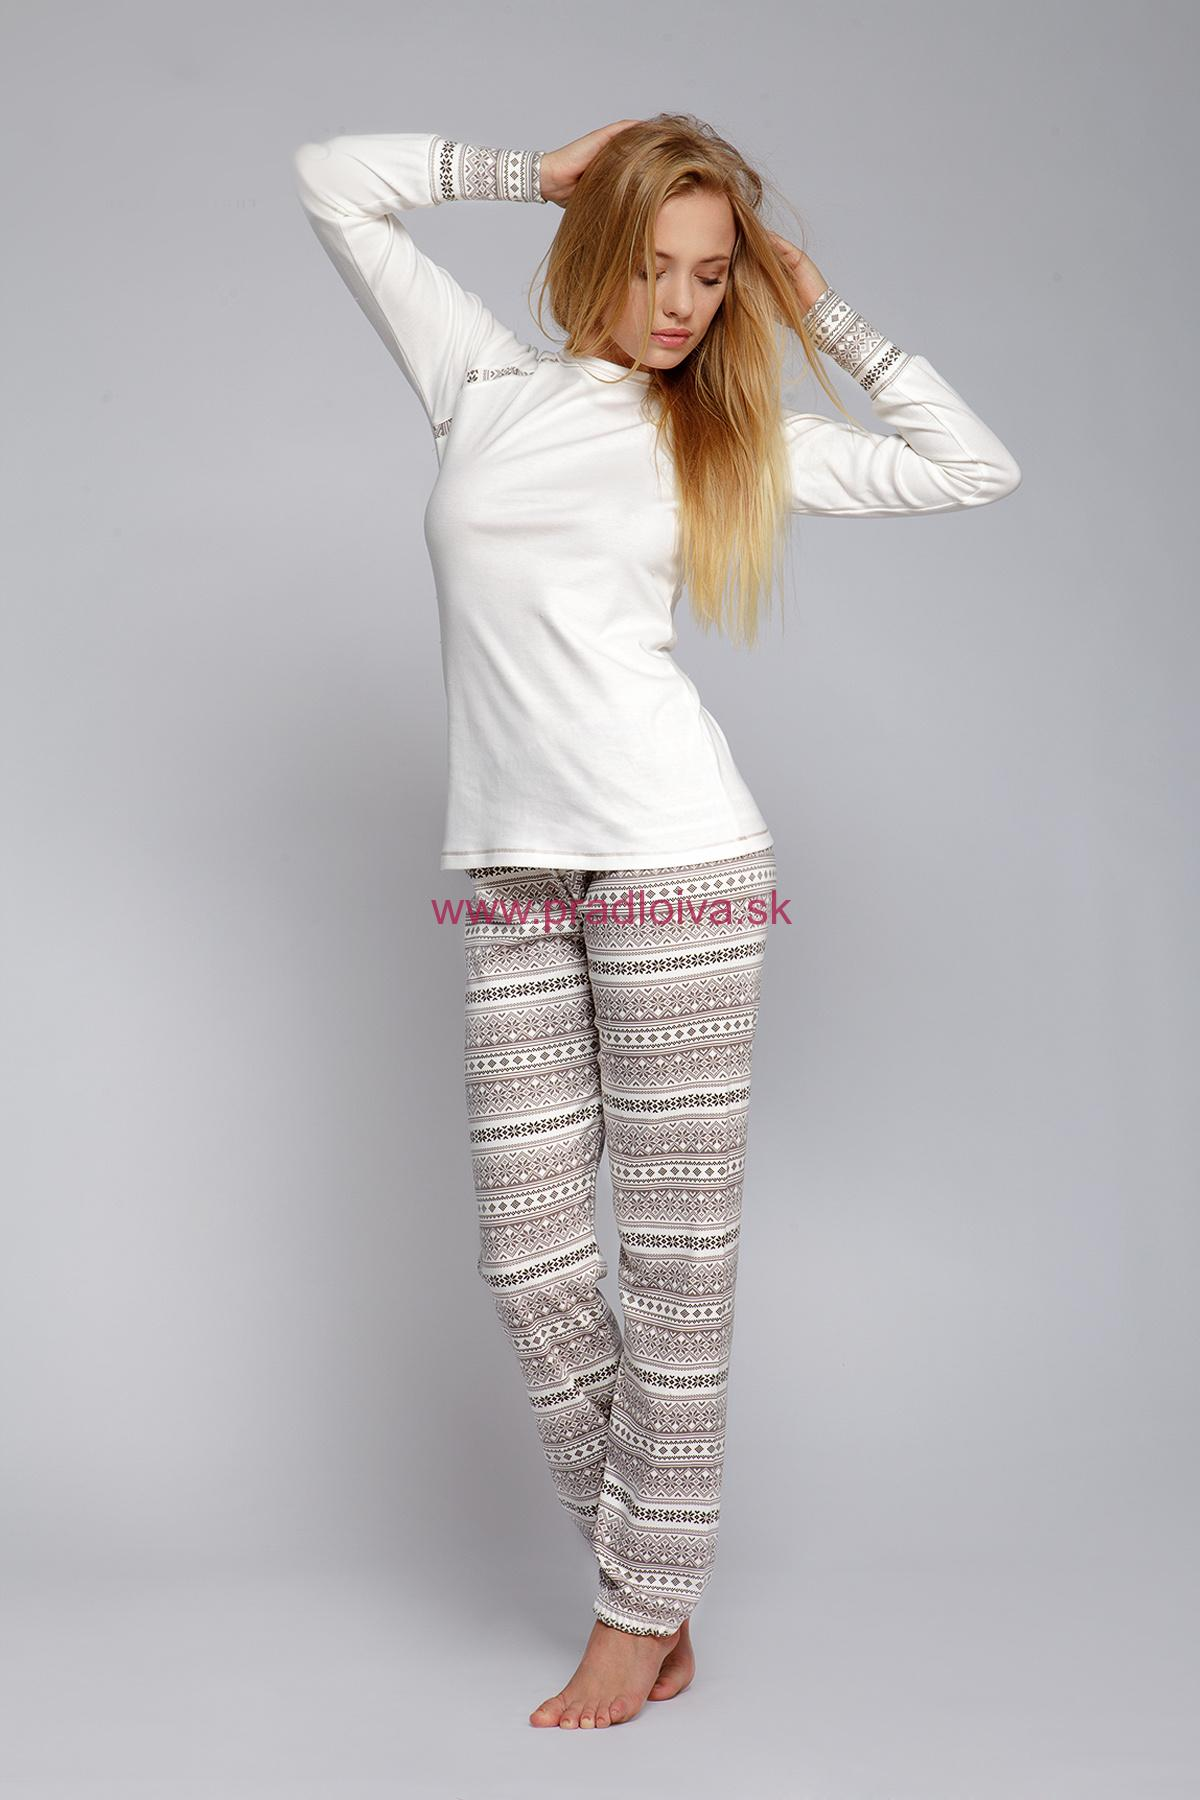 a2a567287 Dámske bavlnené pyžamo Norveg s nórskym vzorom | pradloiva.sk